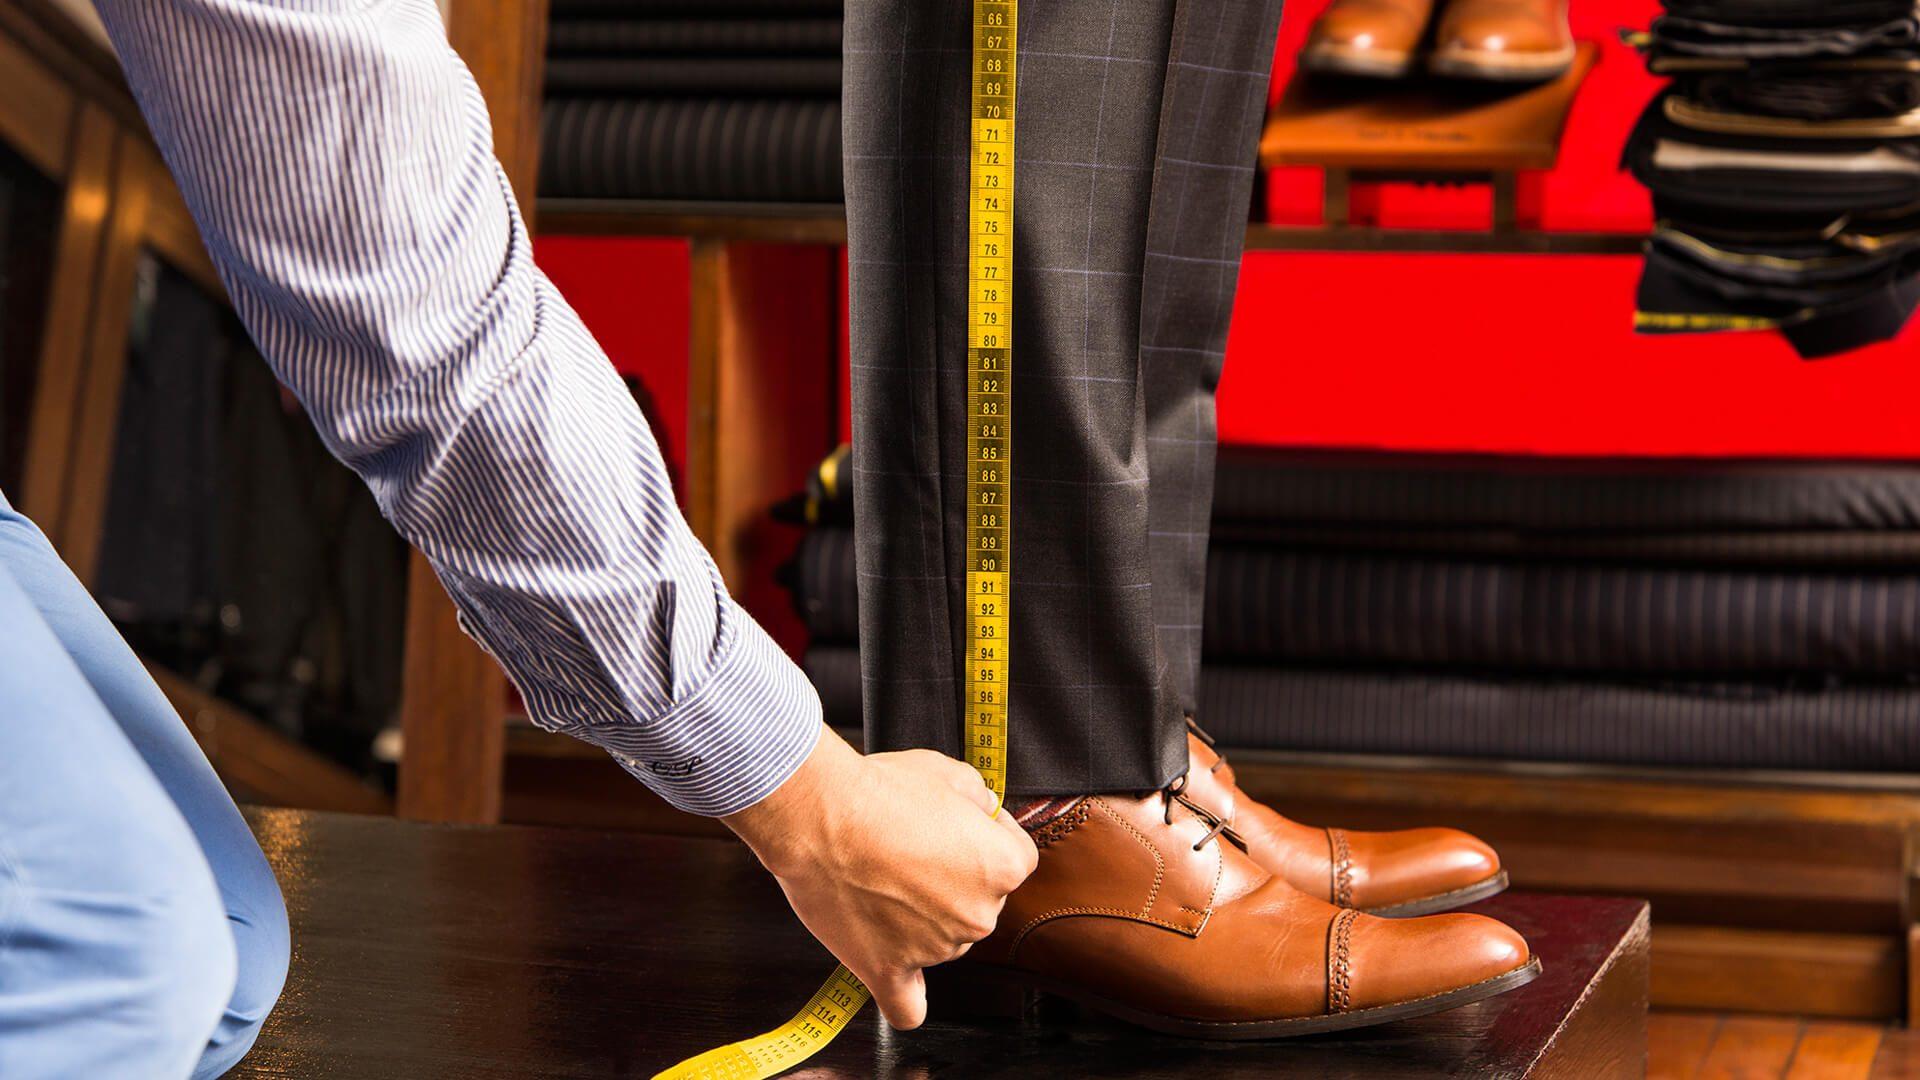 ¿Por qué deberías confeccionar tu traje en Saúl? Image